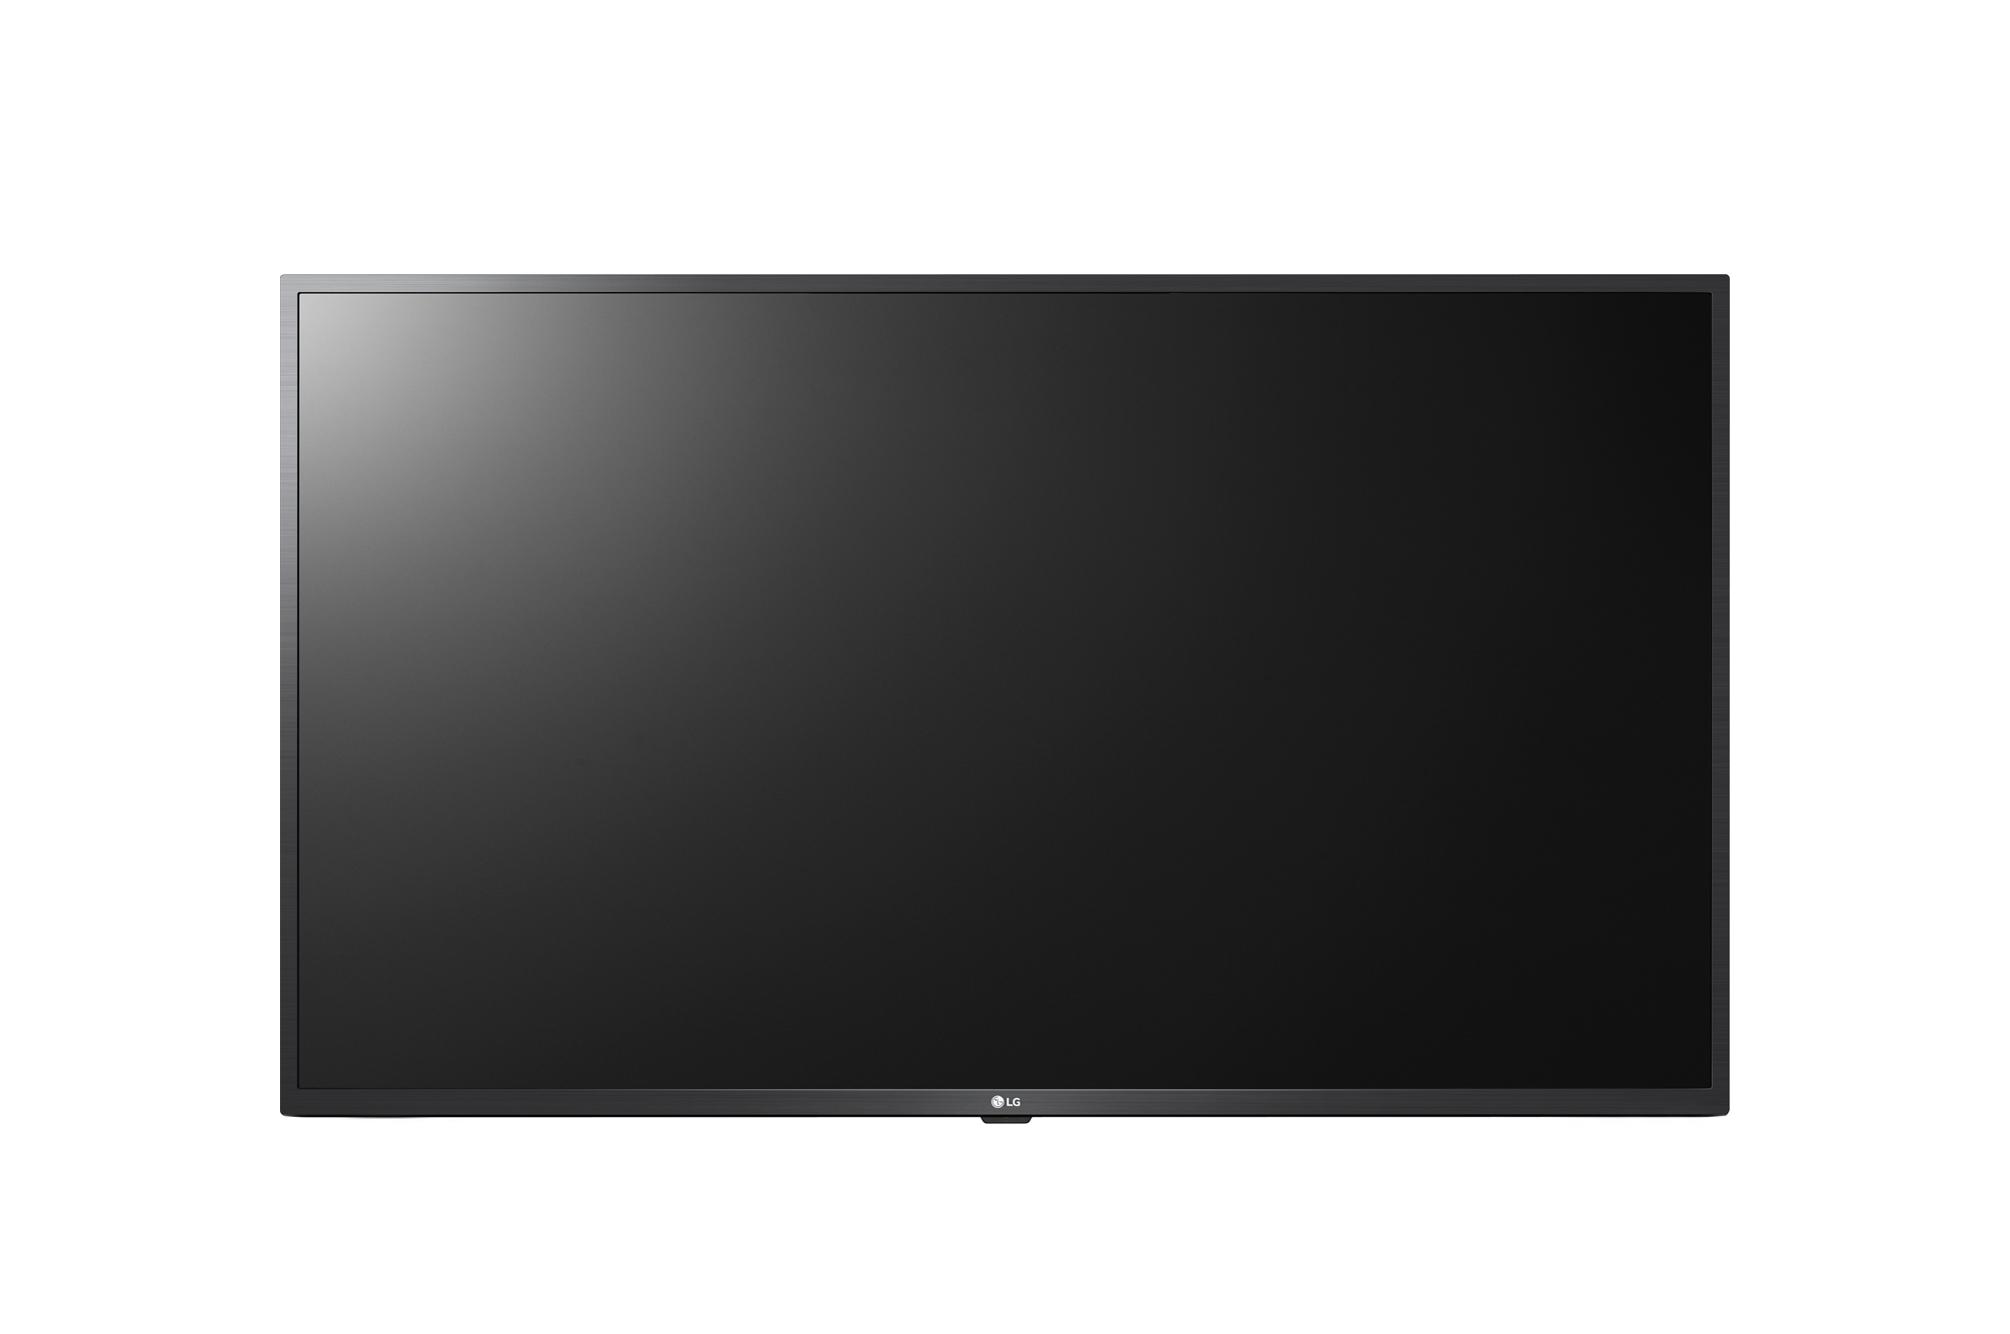 LG Standard Premium 50UL3G-B 2